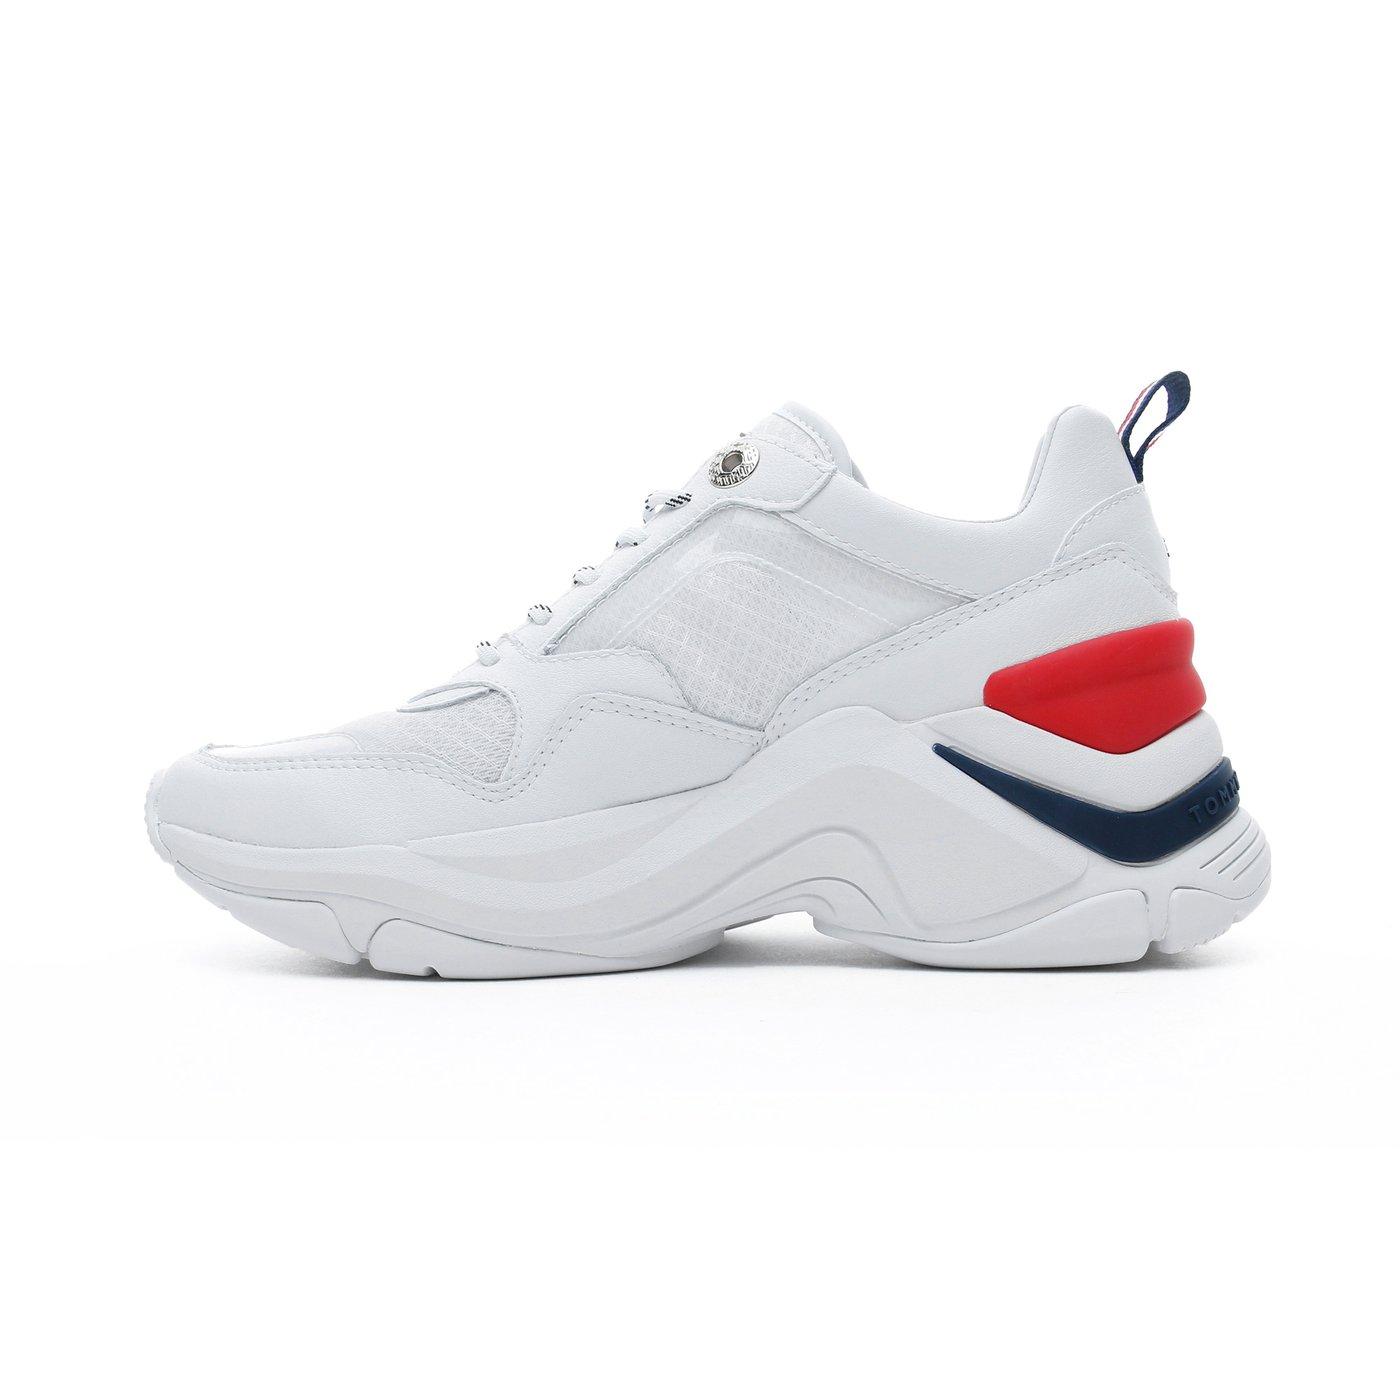 Tommy Hilfiger Internal Wedge Kadın Beyaz Spor Ayakkabı